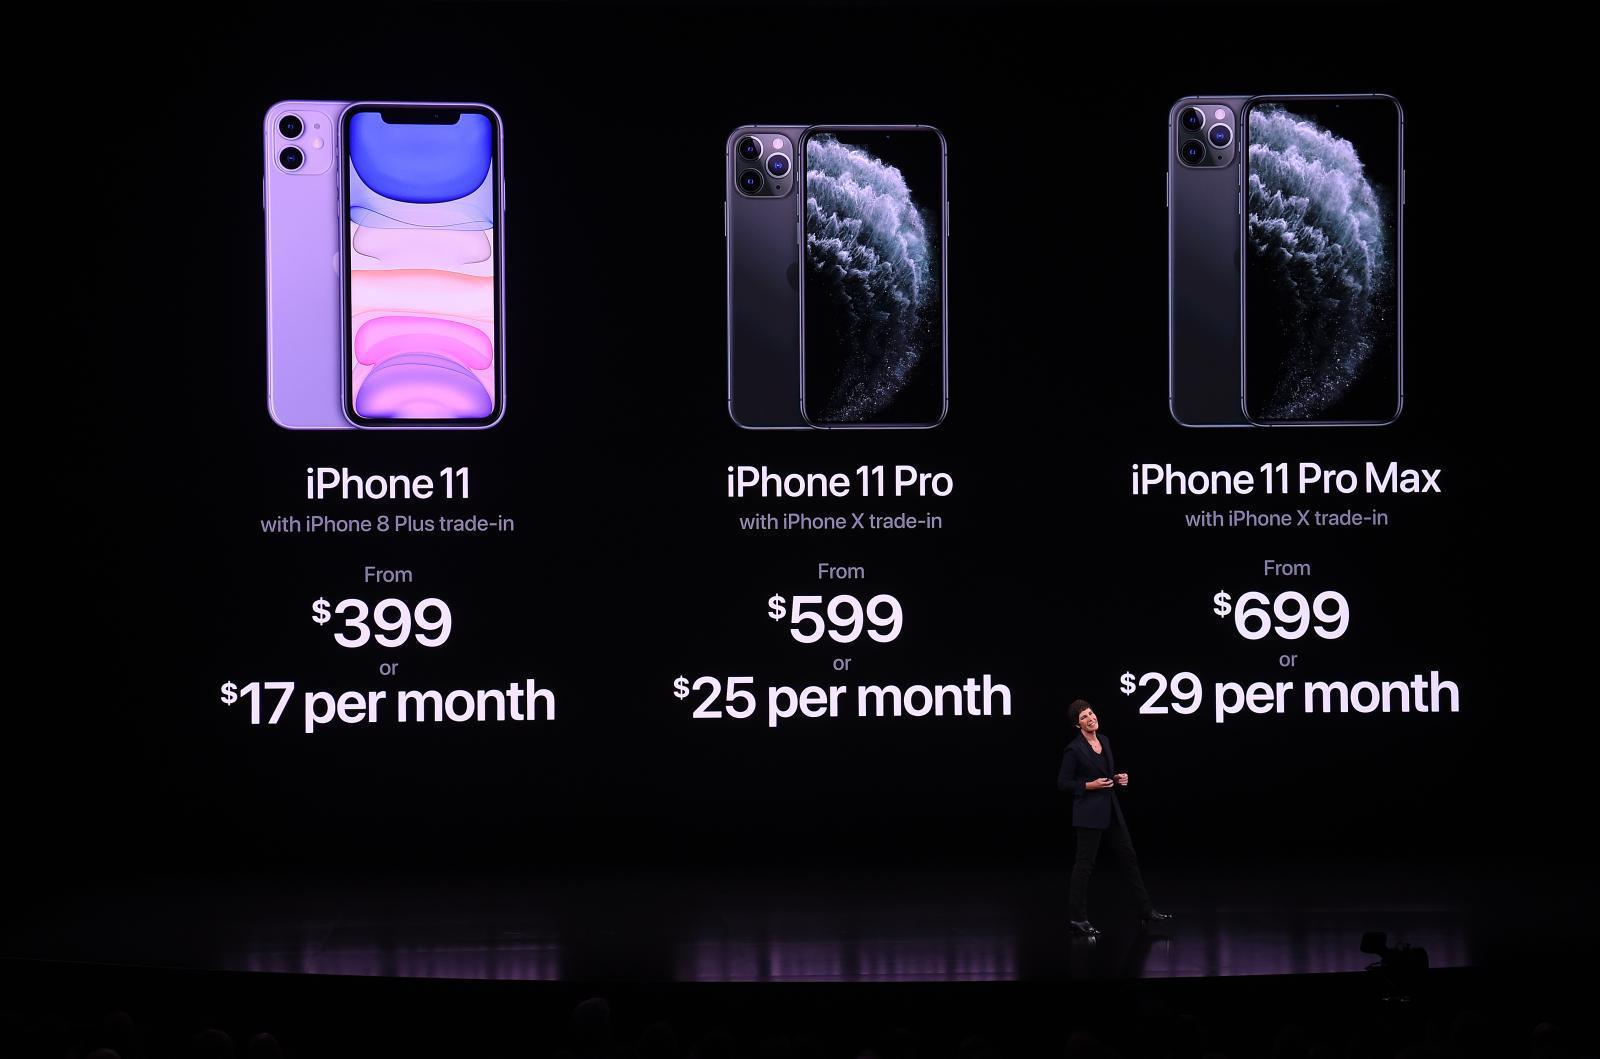 """""""แอปเปิล"""" เปิดตัวไอโฟน 11 ชูจุดเด่นกล้อง 3 ตัว"""